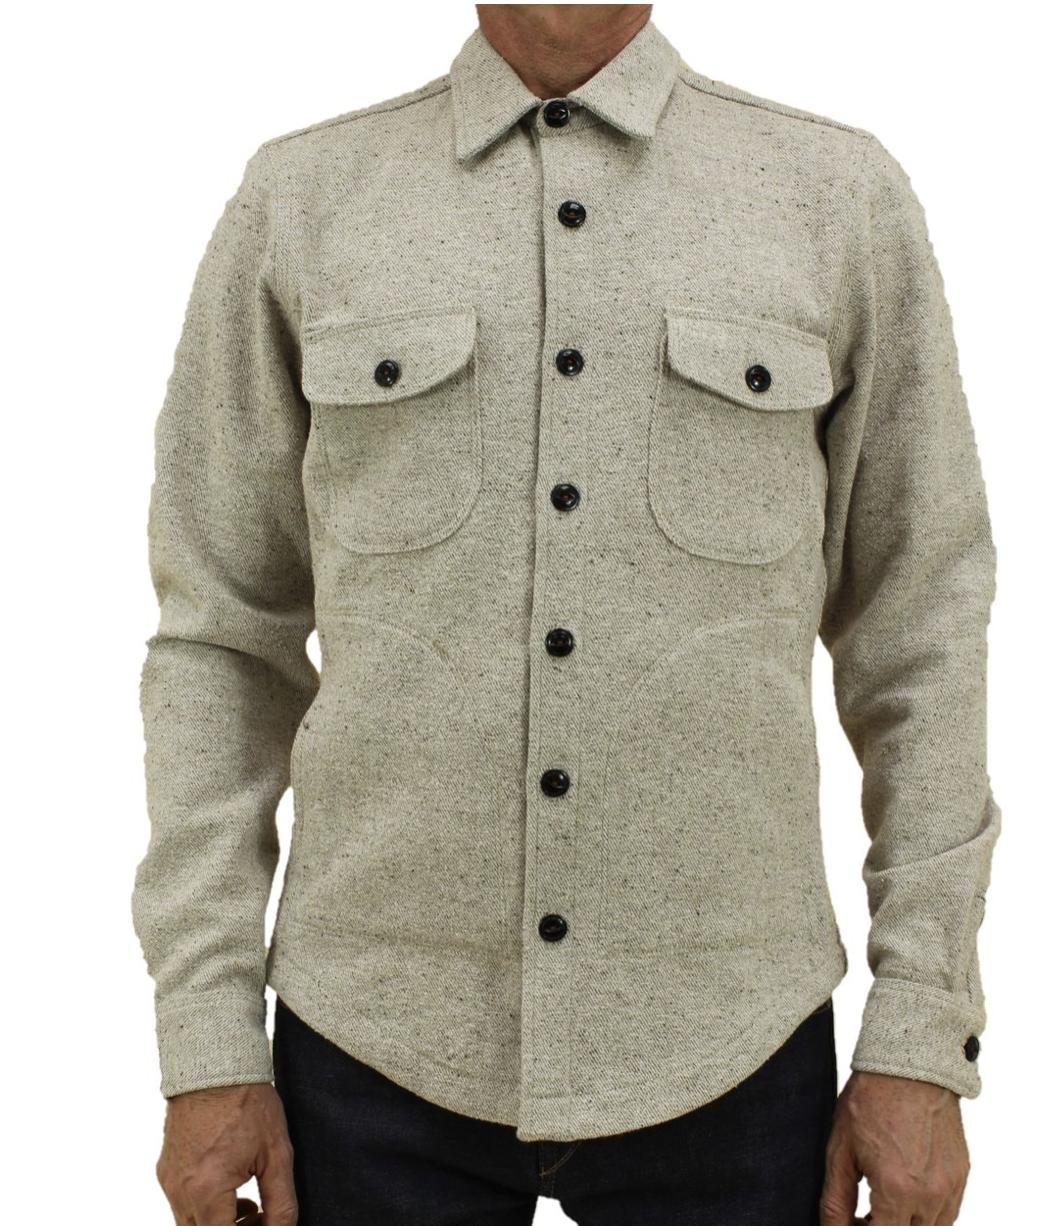 Anvil Shirt Jacket Oatmeal Onbody